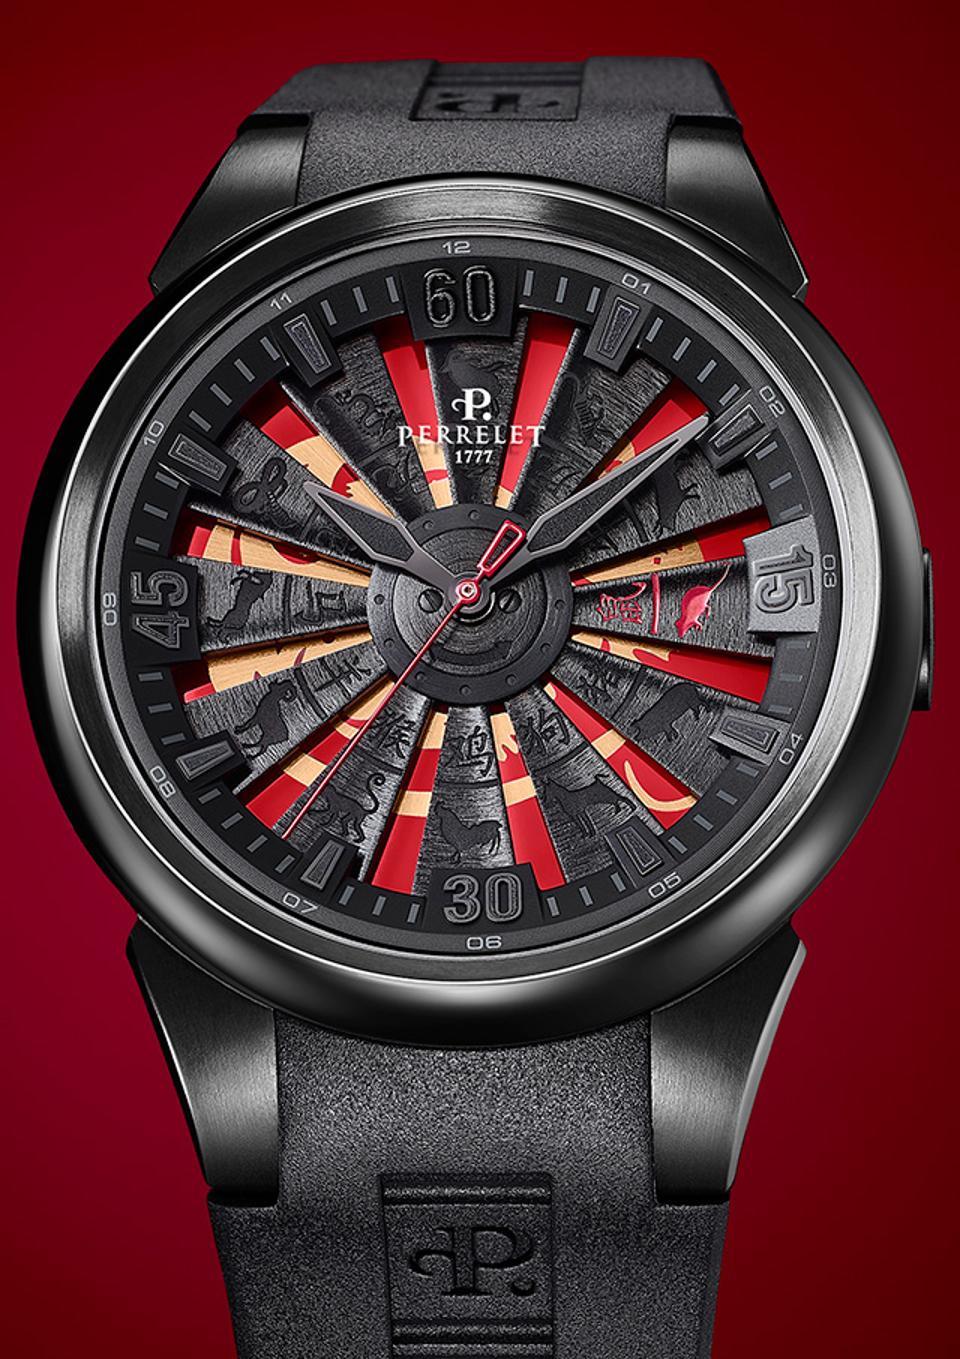 8 mẫu đồng hồ mang hình chuột đặc sắc chào đón năm Canh Tý - 7